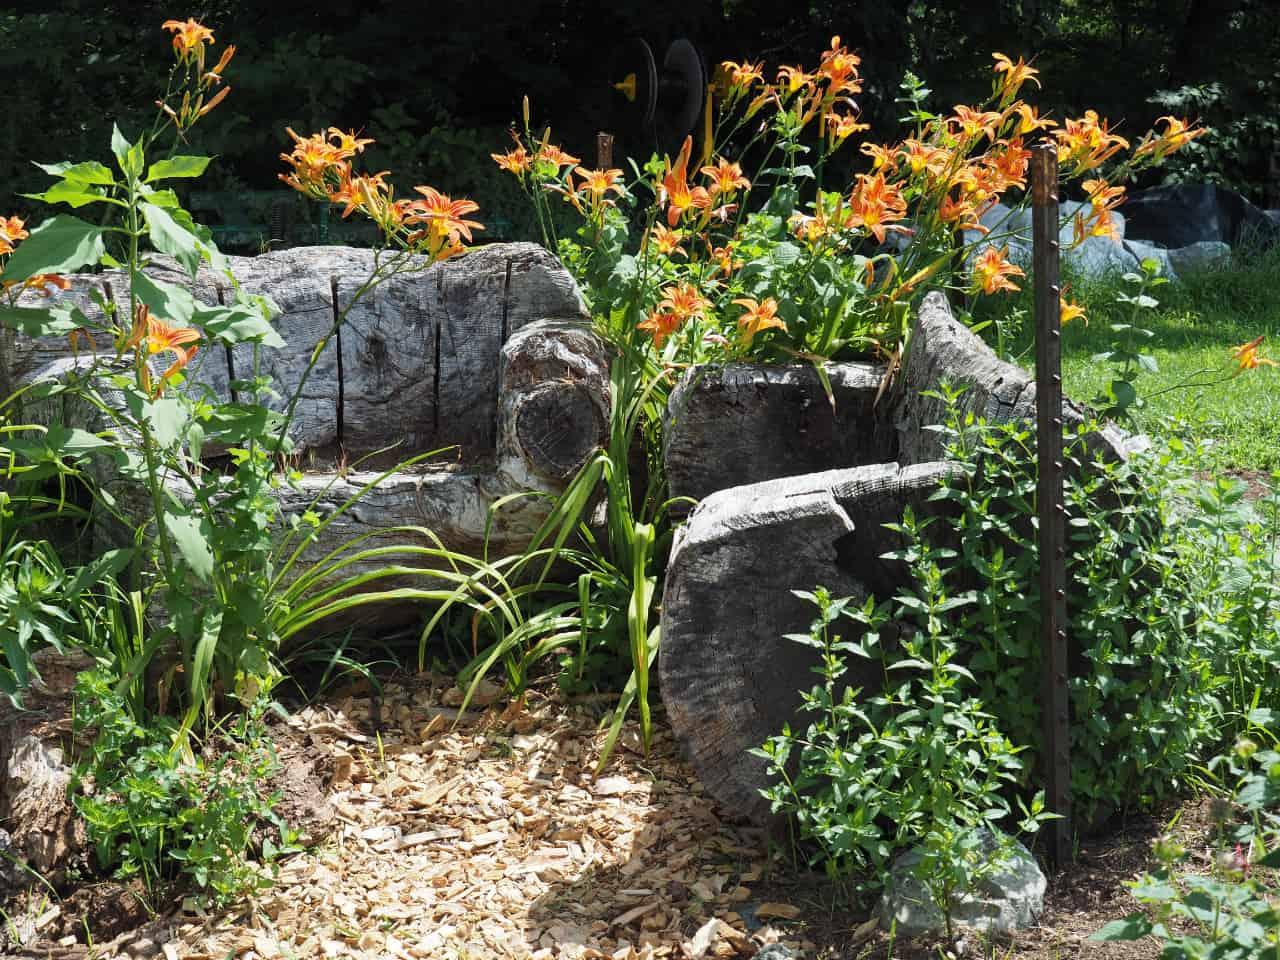 In the Corner of the Tea Herb Garden